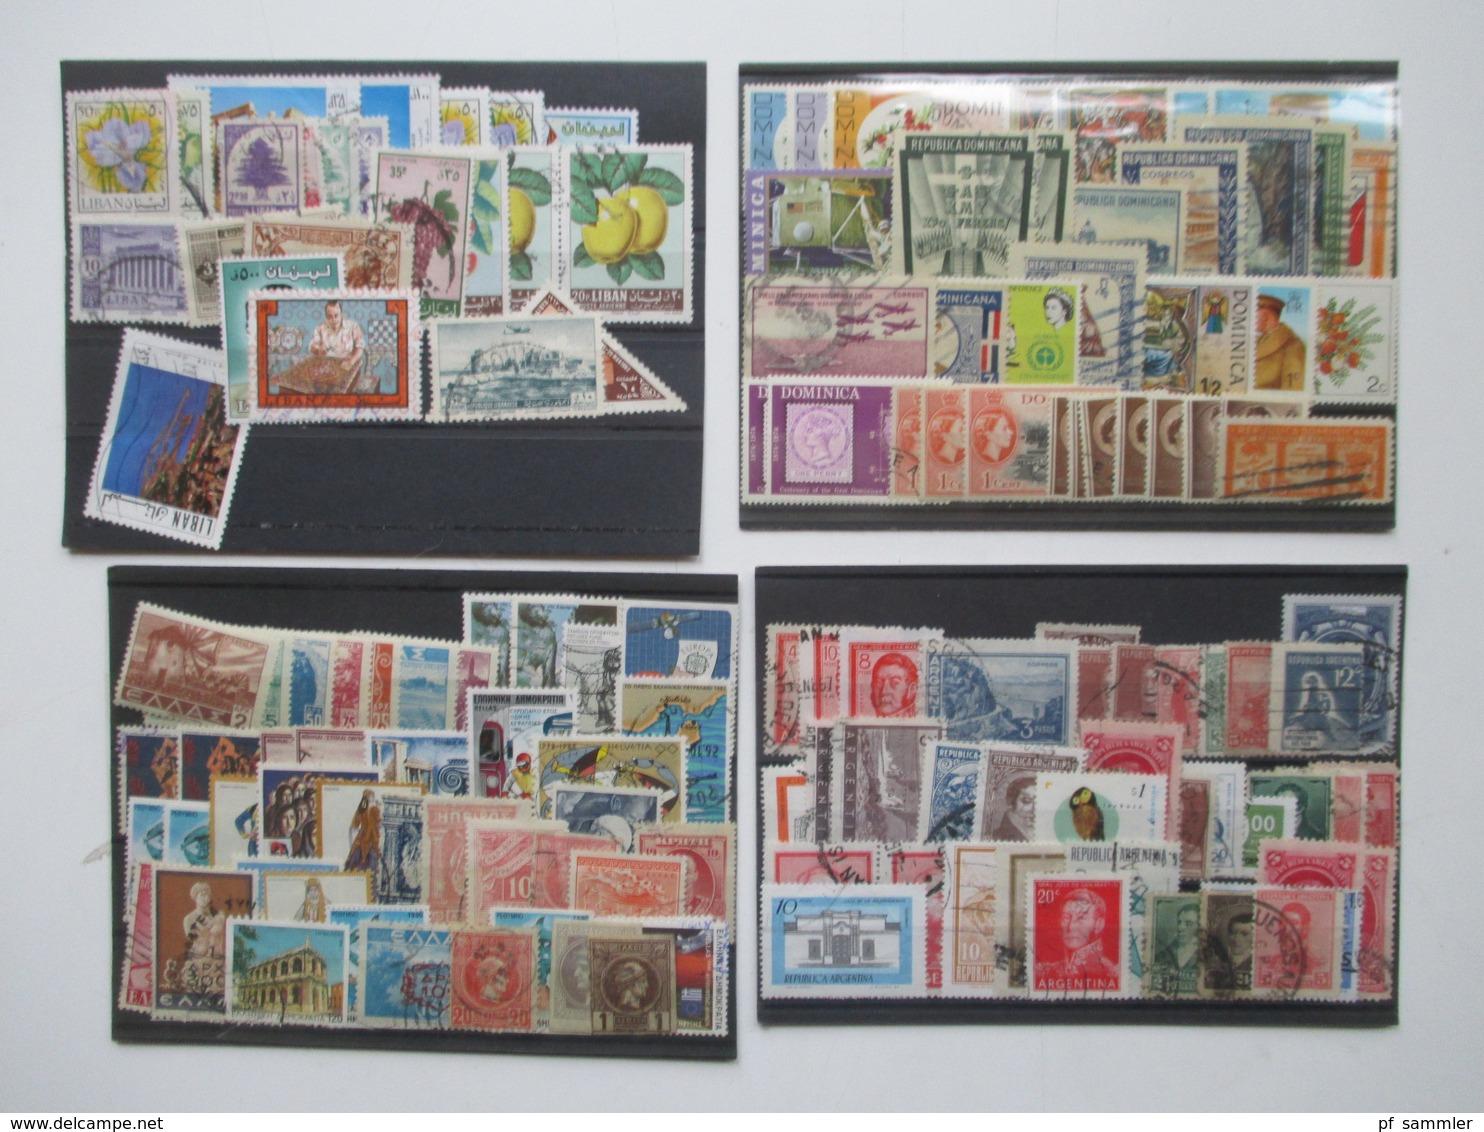 Steckkarten Posten 155 Stk.Europa - Übersee GB / Frankreich Kolonien Mit Afrika Usw. Alt - Neu Mehr Als 3000 Marken - Sammlungen (im Alben)